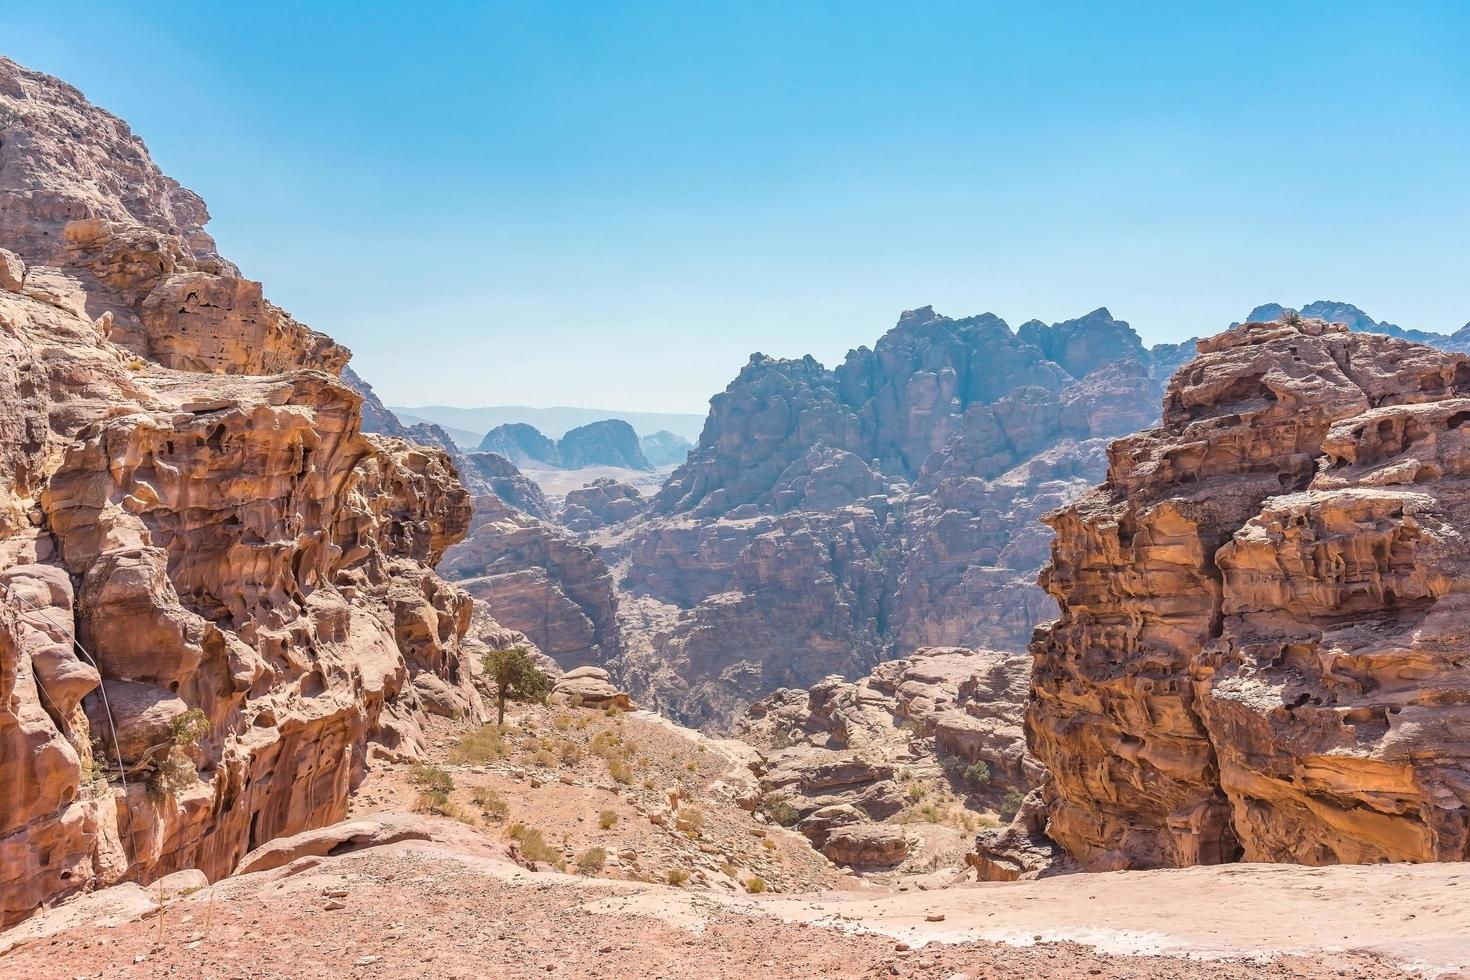 Vue sur les rochers et chemin vers le monastère de Petra, Jordanie photo